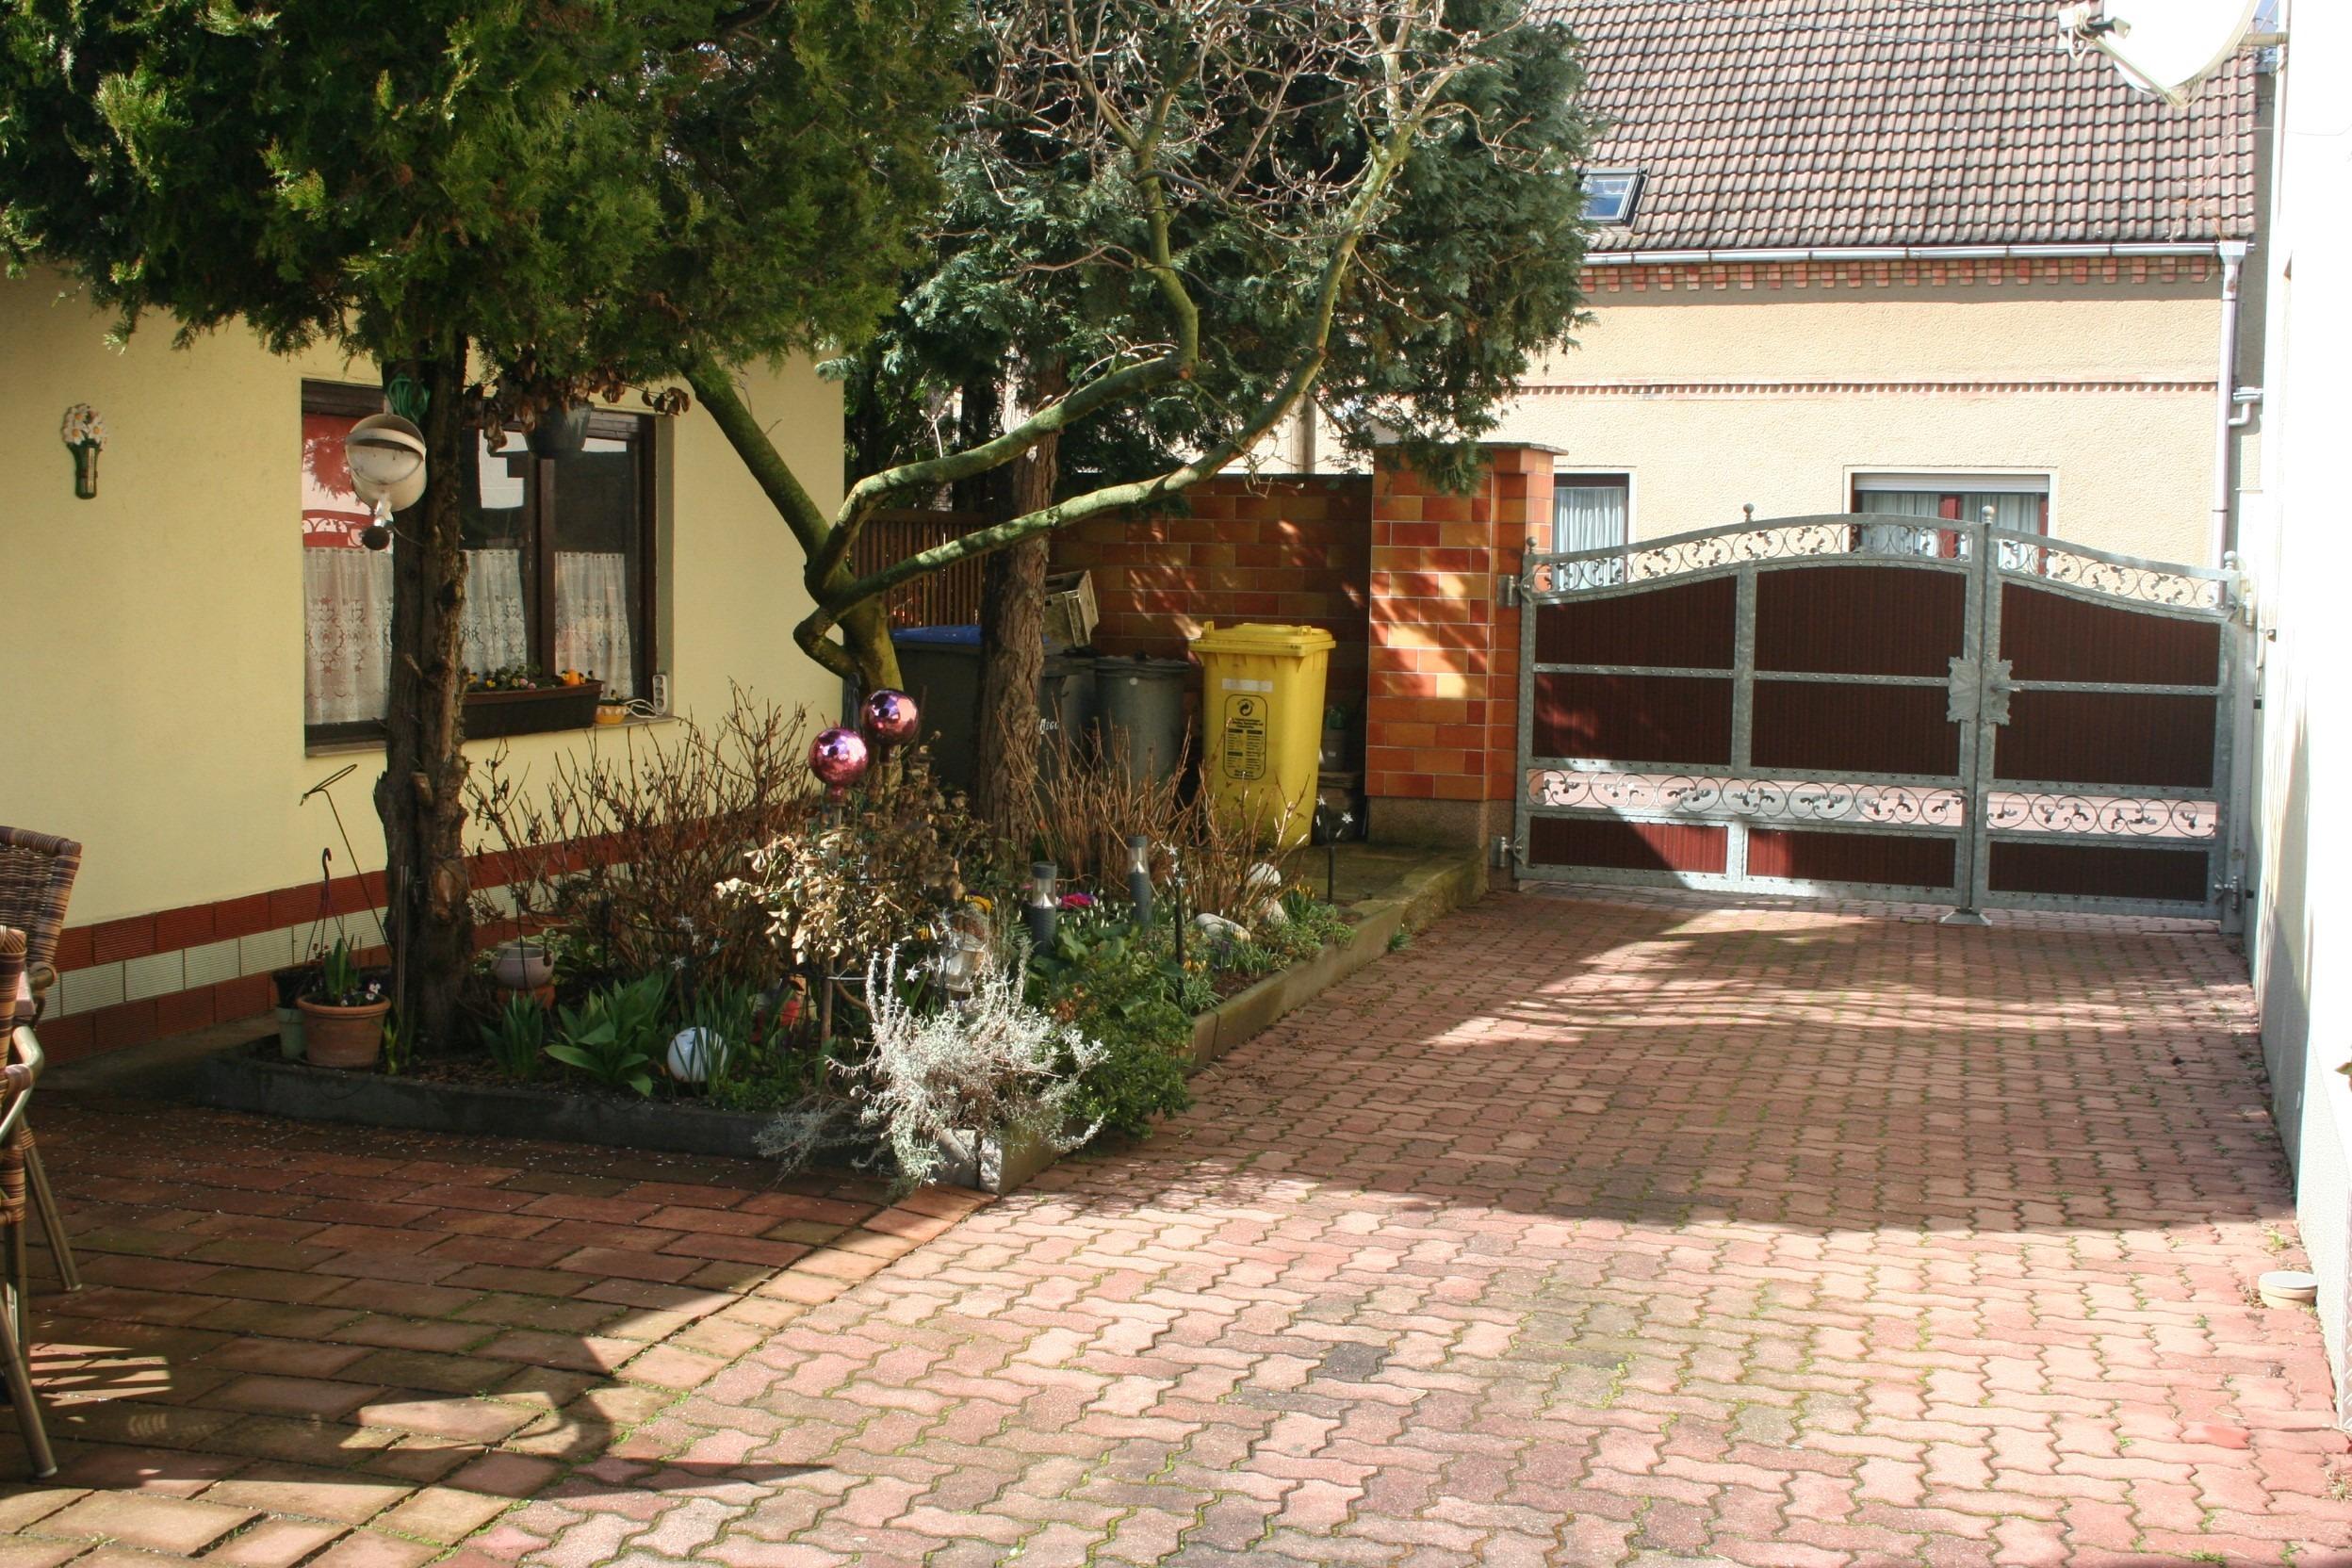 Mehrfamilienhaus/Pension in Peißen - Zufahrt